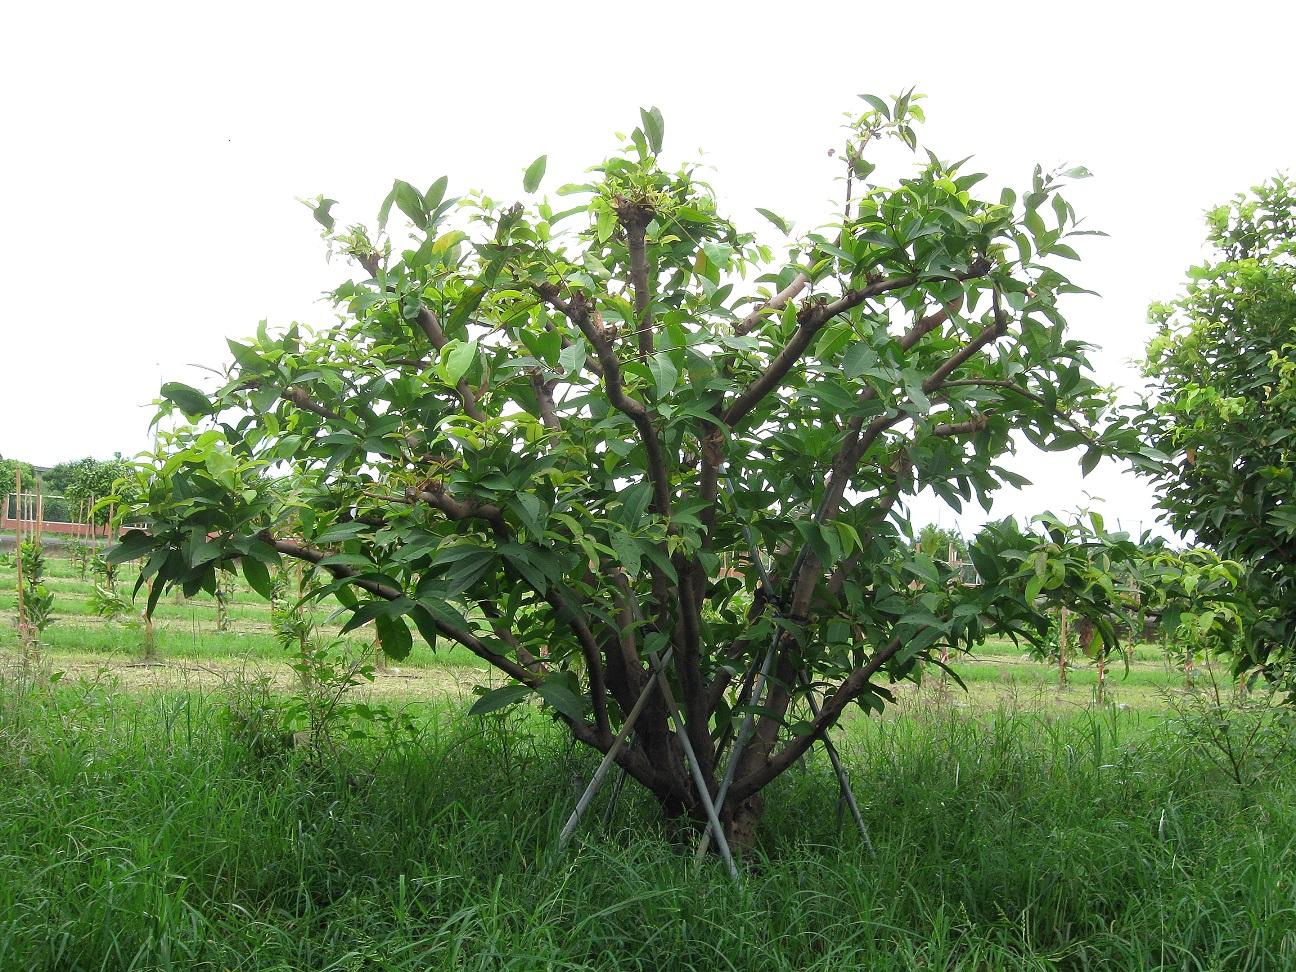 傾倒植株應儘速扶正、修去部份枝葉減少水份蒸散,並立支架固定植株